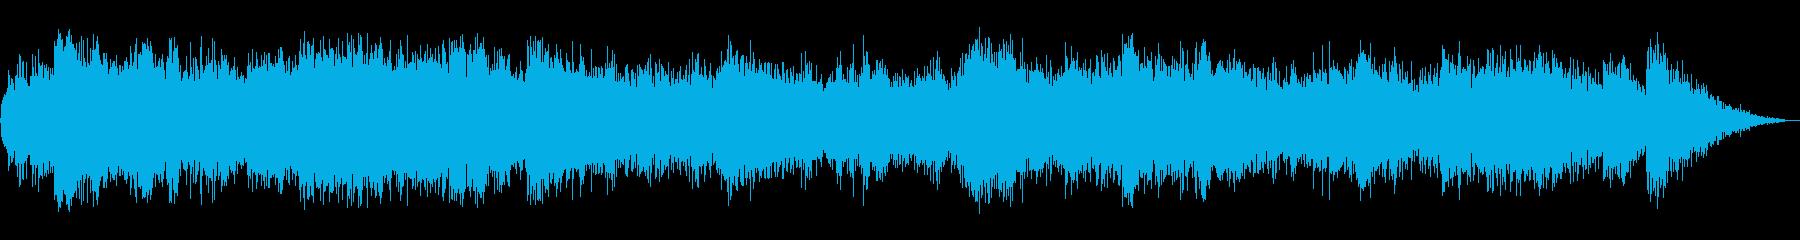 火山噴火の再生済みの波形